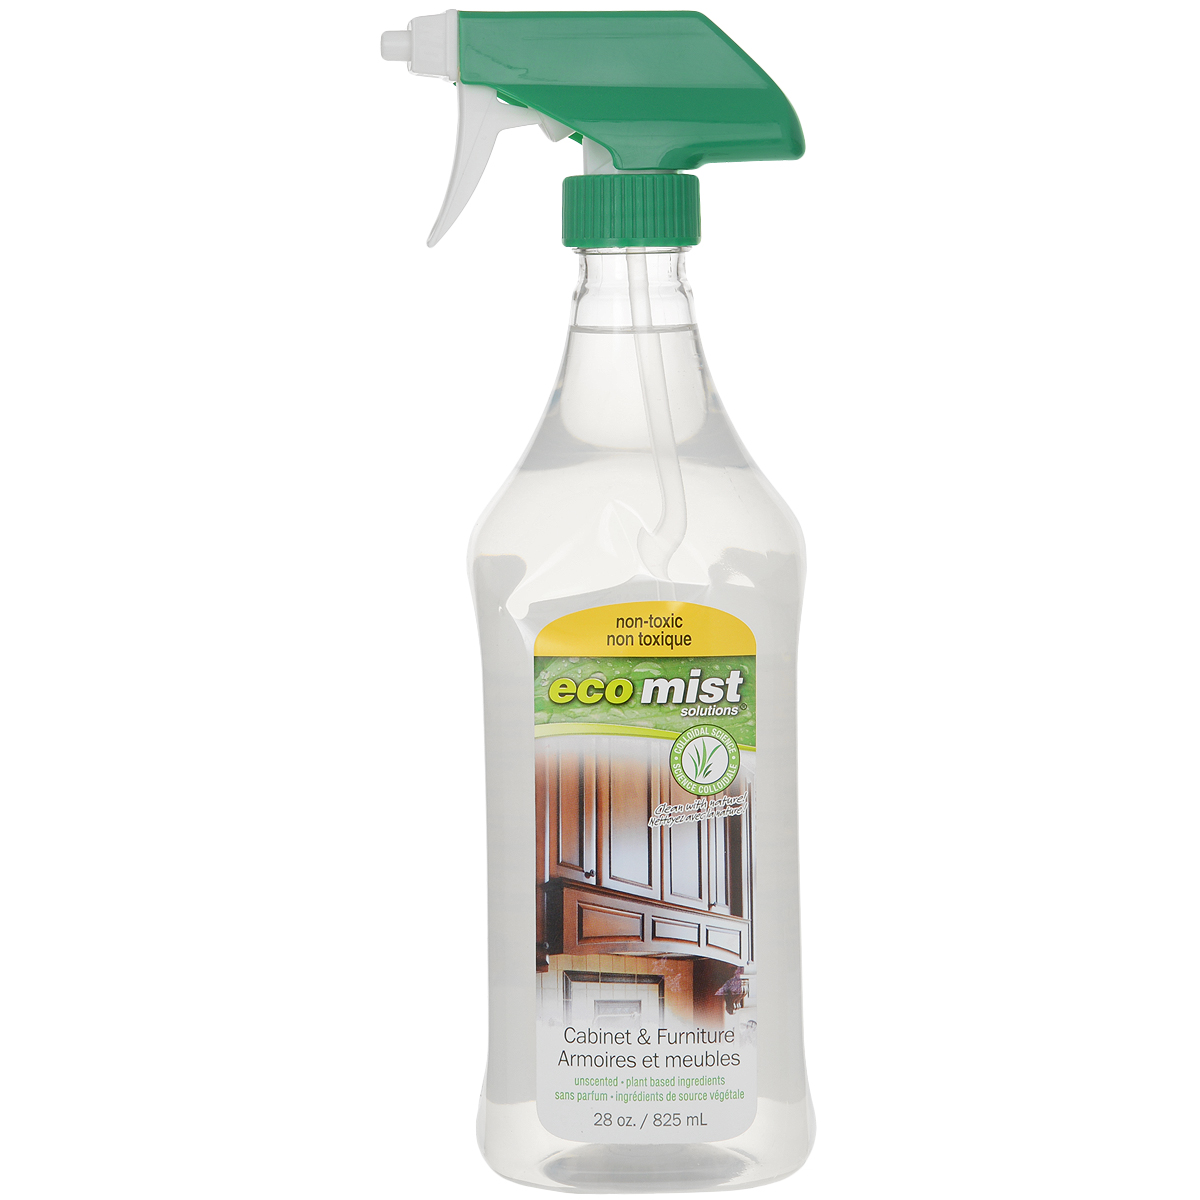 Средство для чистки мебели и уборки в кабинете Eco Mist, 825 млEM825XXFRTR06EFLСпециальное средство Eco Mist для удаления любых видов загрязнений, разводов, пыли с мебели, включая лакированную и из натурального дерева. Не оставляет следов после использования, а также предотвращает повторное оседание пыли. Не токсично. Без запаха. За счет активных полирующих свойств мебель надолго приобретает ухоженный вид, блеск и гладкость поверхностей.Состав: дехлорированная вода, кокос, различные экстракты, сахарный тростник, экстракт картофеля, кукуруза.